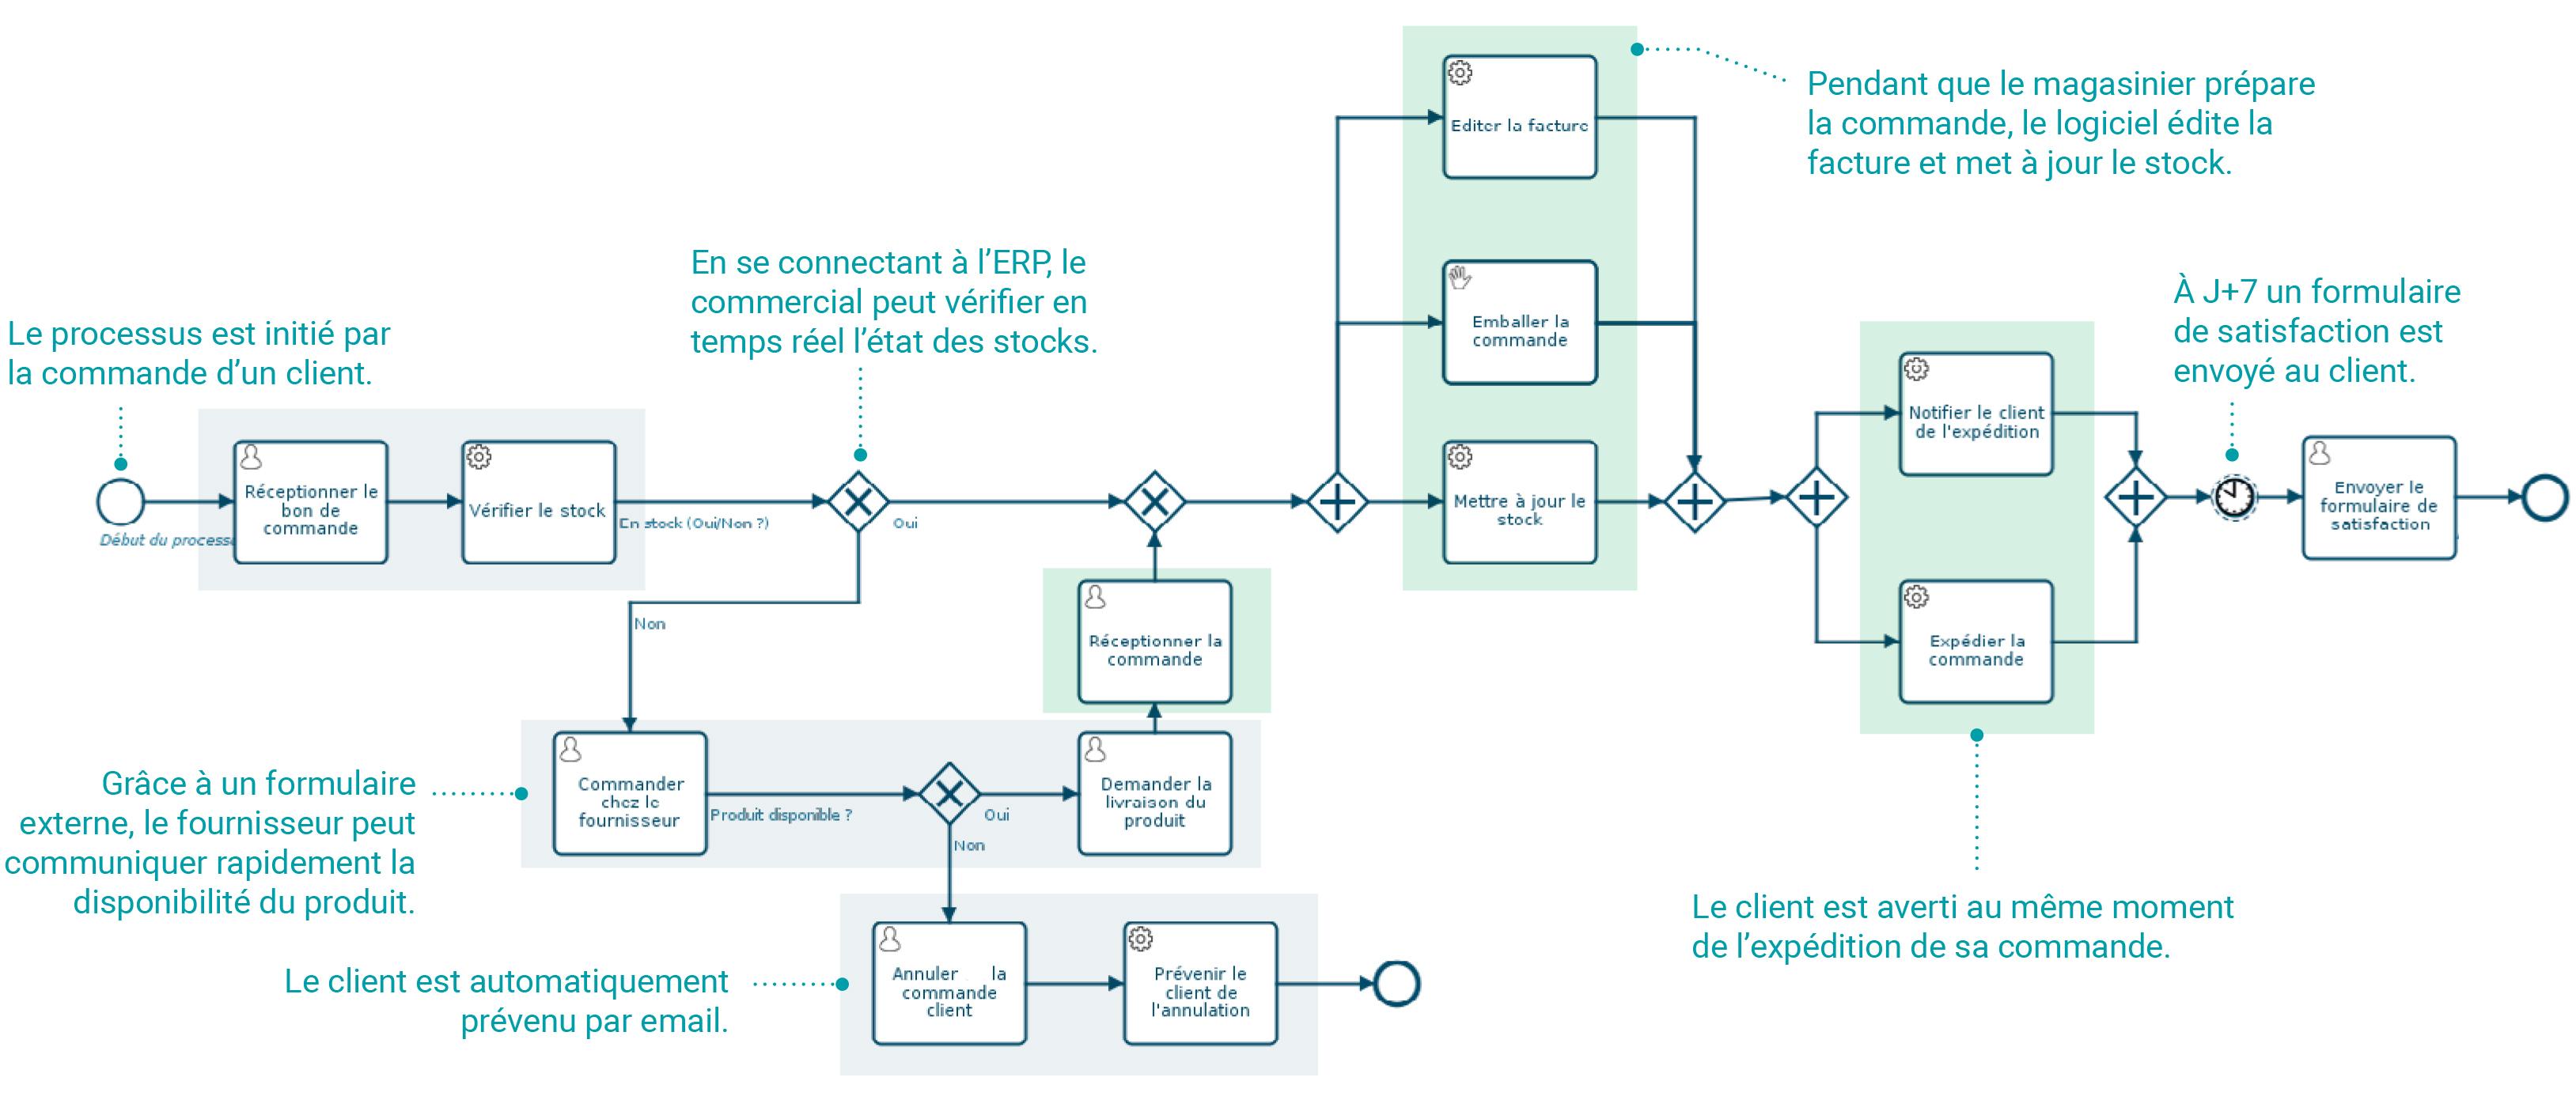 Modélisation des processus métier : la gestion d'une commande